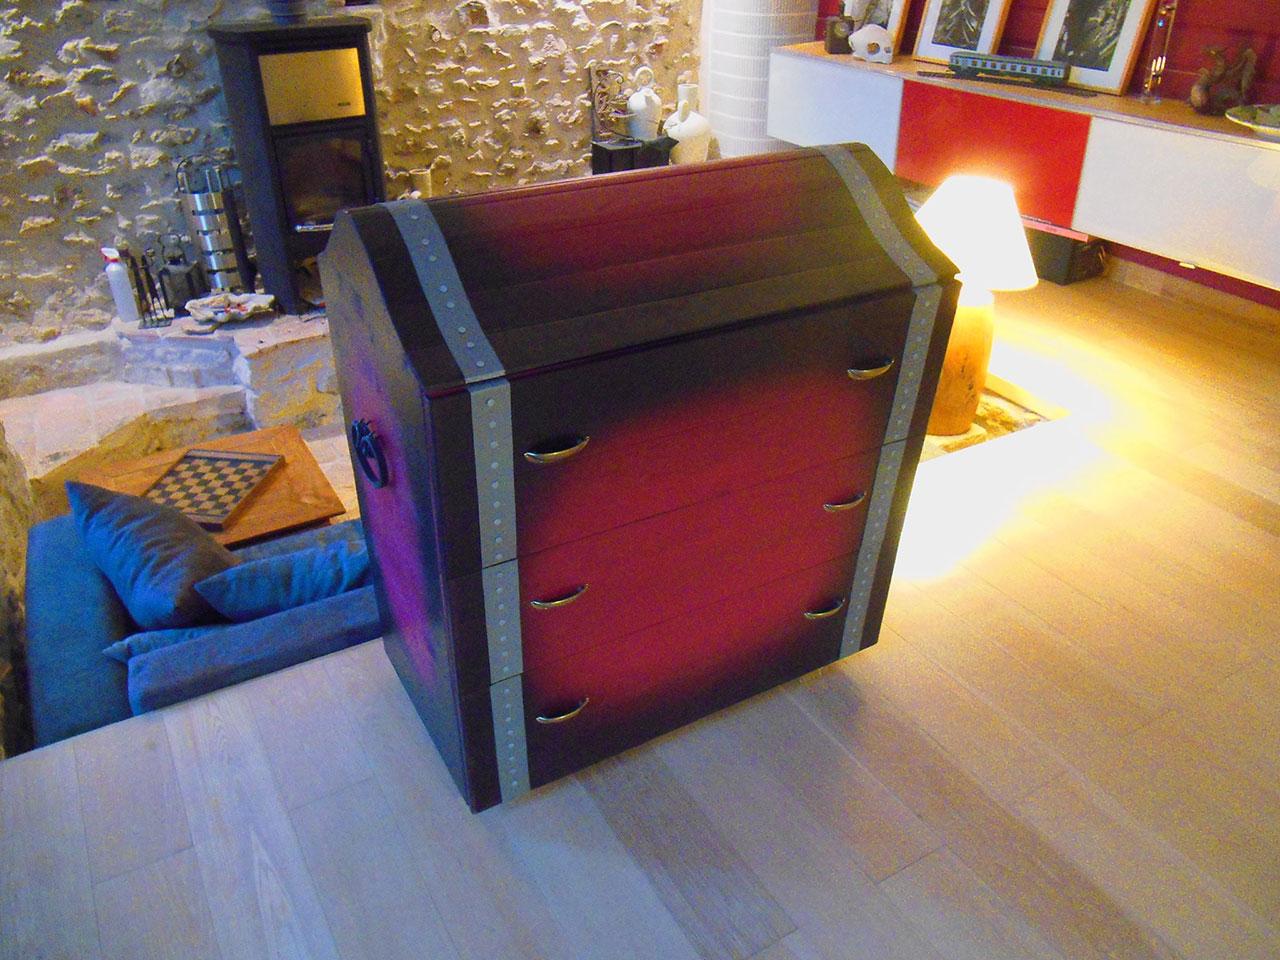 mobilier original pour chambre d'enfant - cabanologue